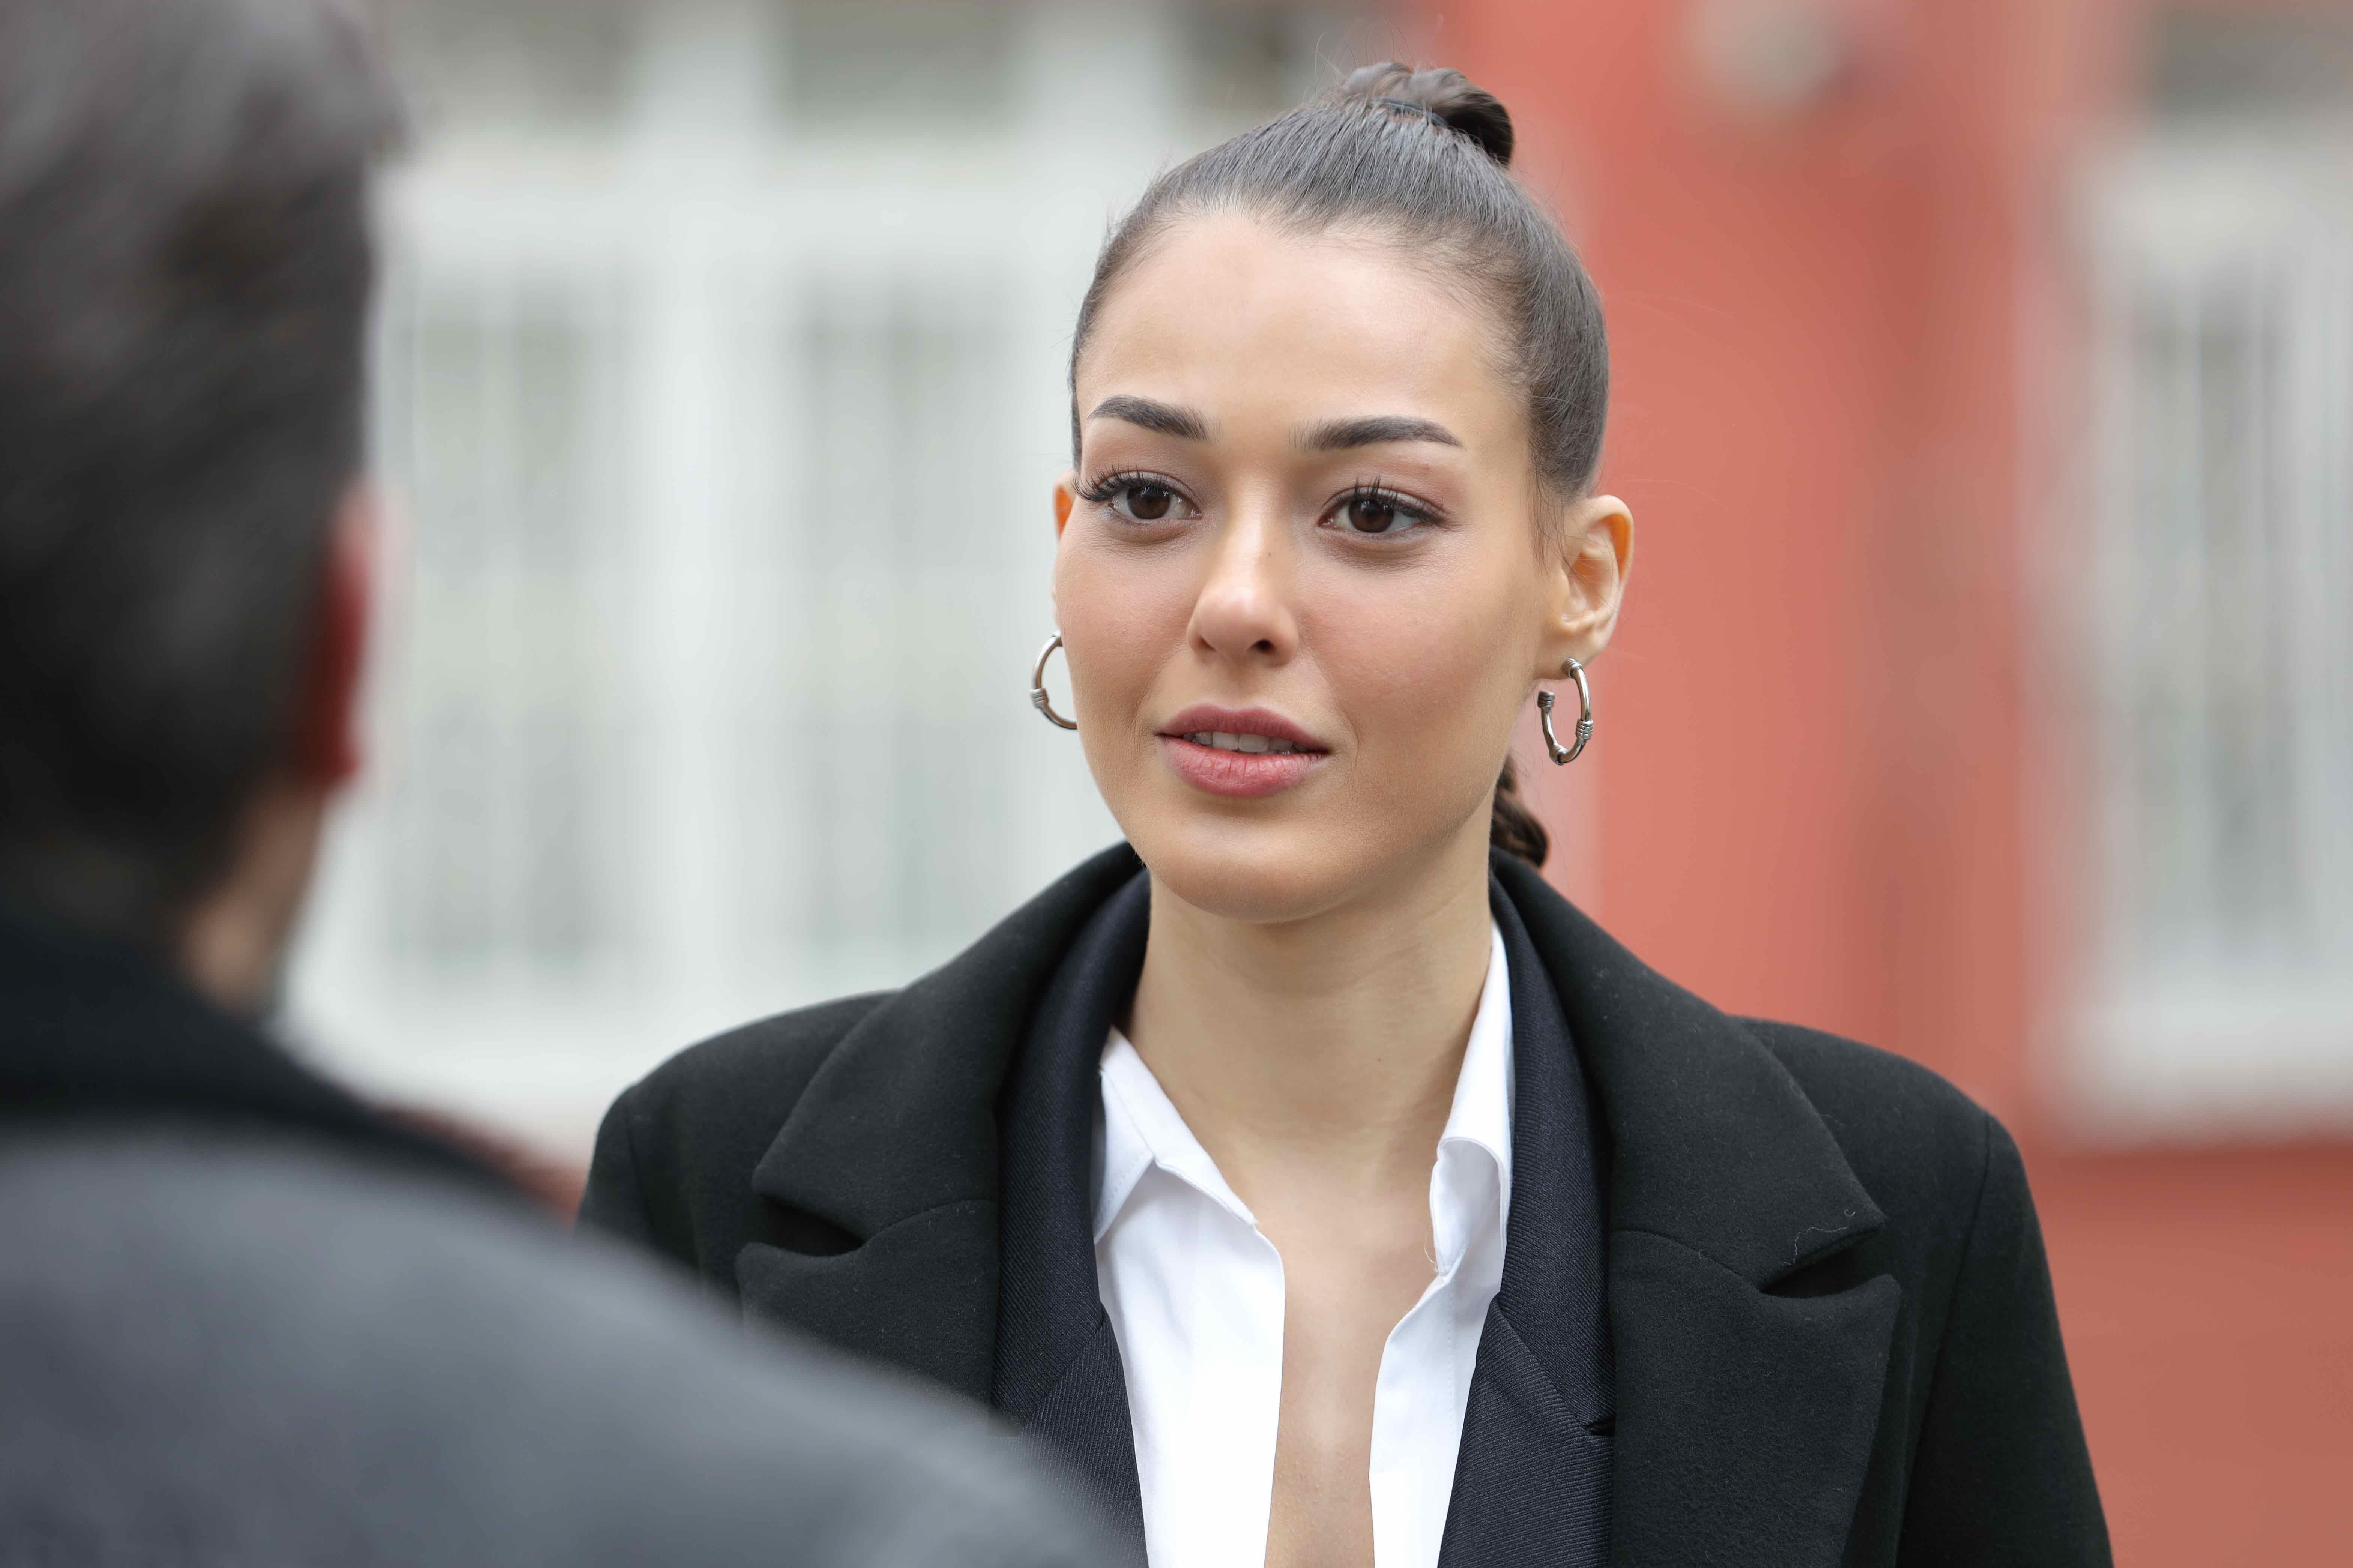 Cine este Dilan Çiçek Deniz, actrița care o joacă pe Rüya Yıldırımlar, în Flăcările Destinului